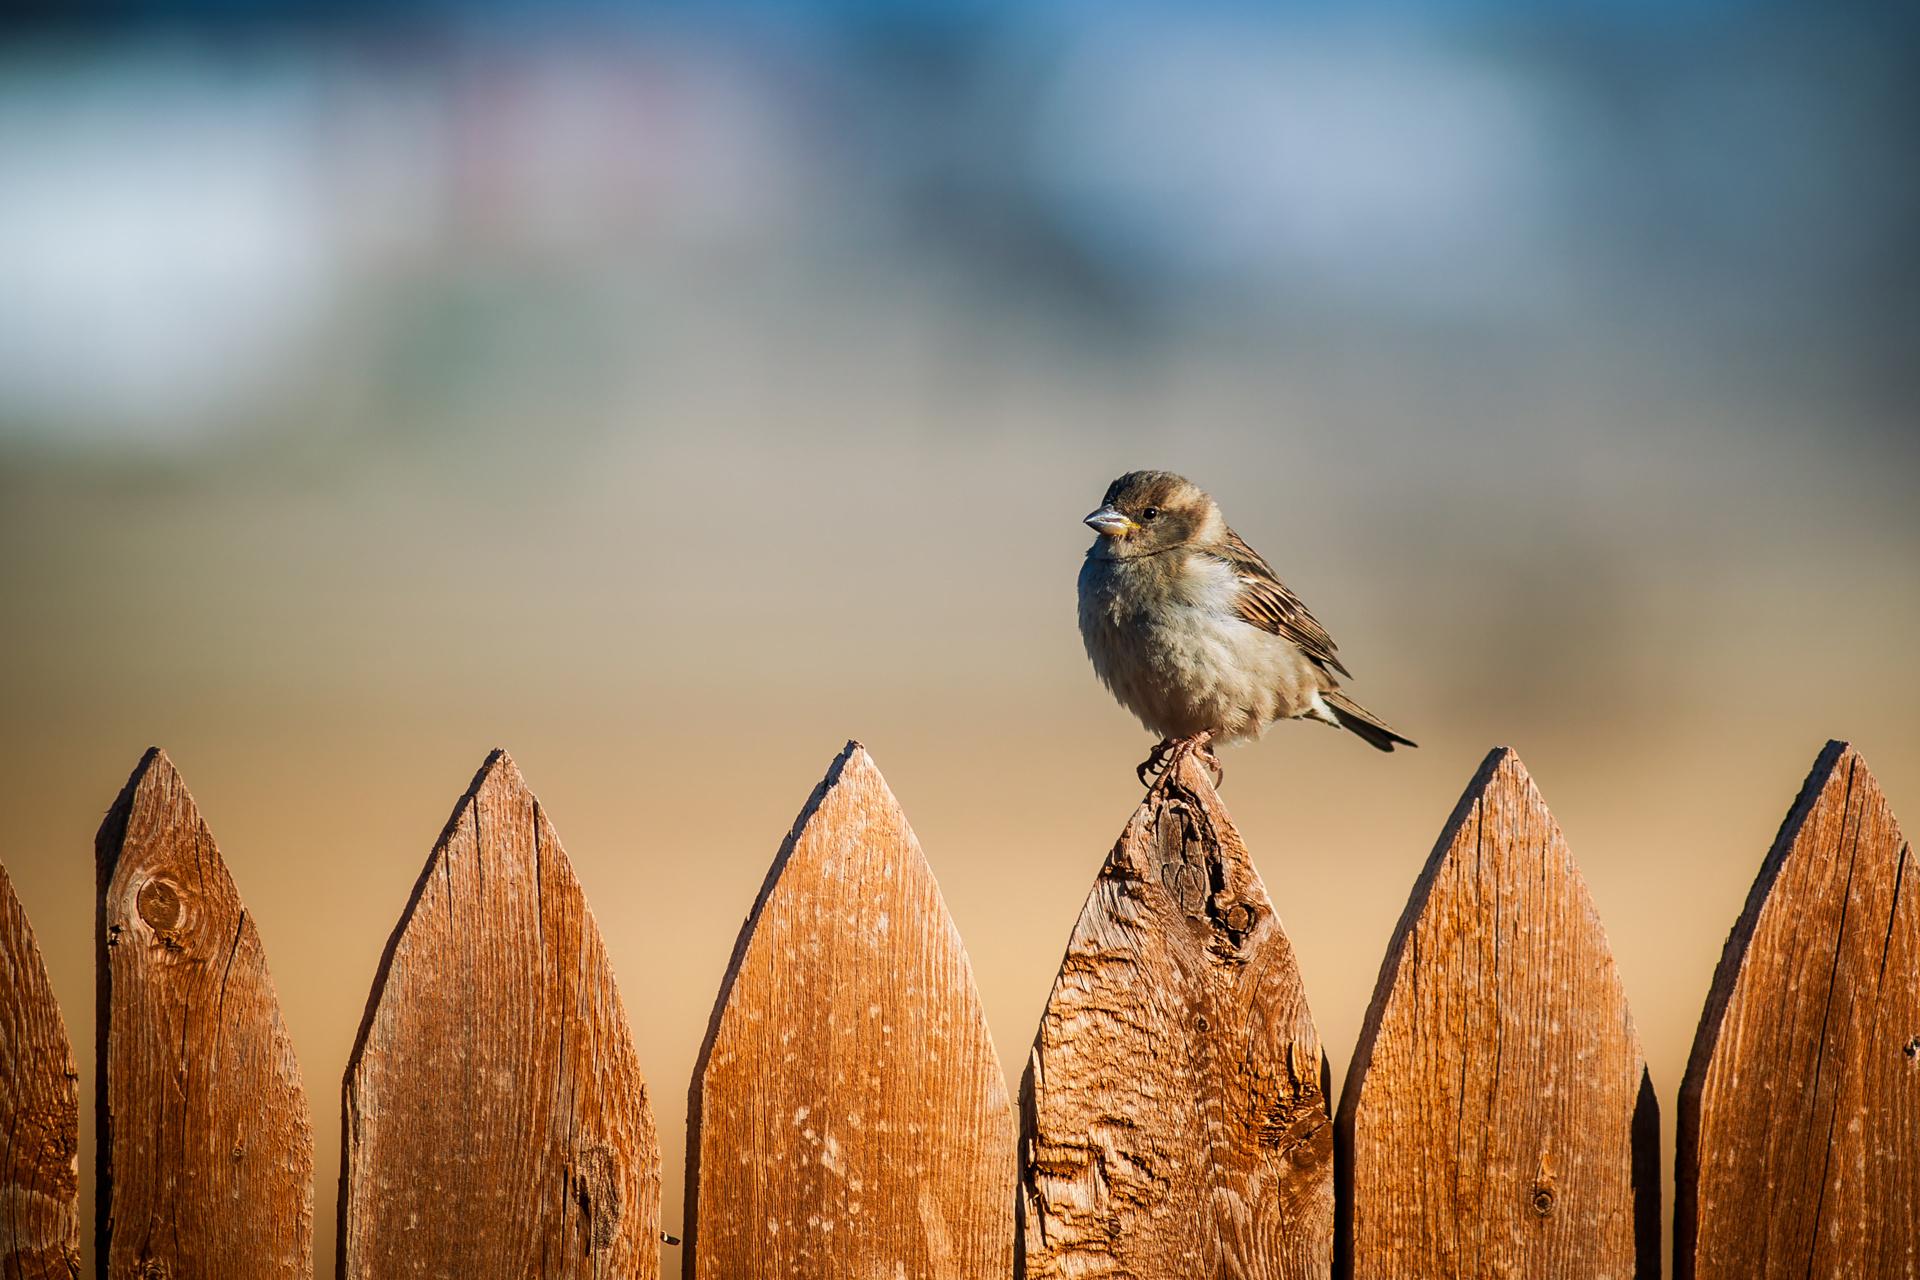 произошедшей картинка птичка сидит стрелы